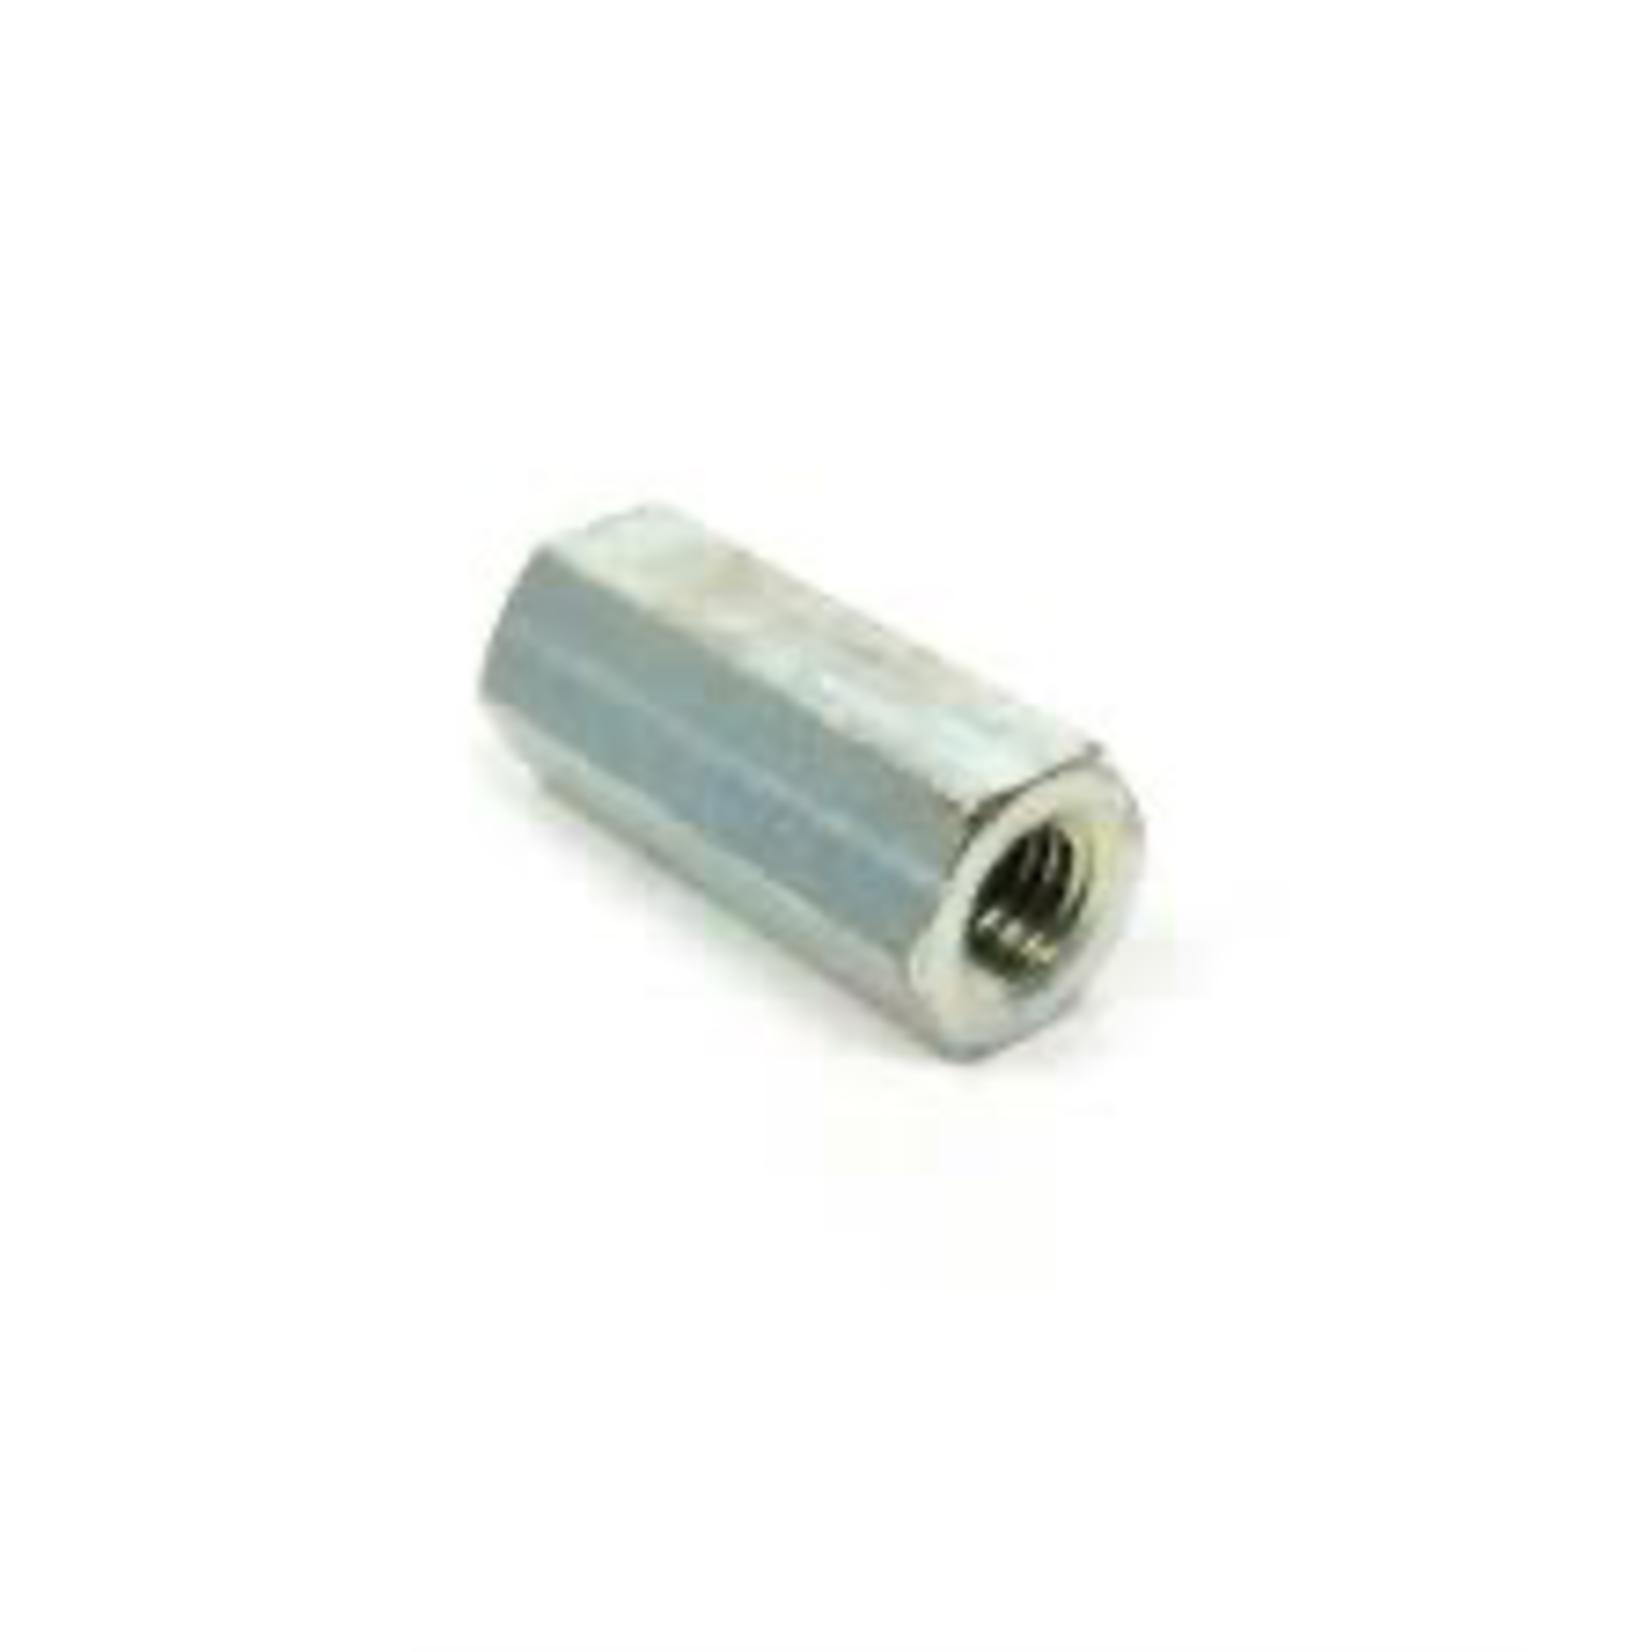 Parts Exhaust Nut, 50cc 833494